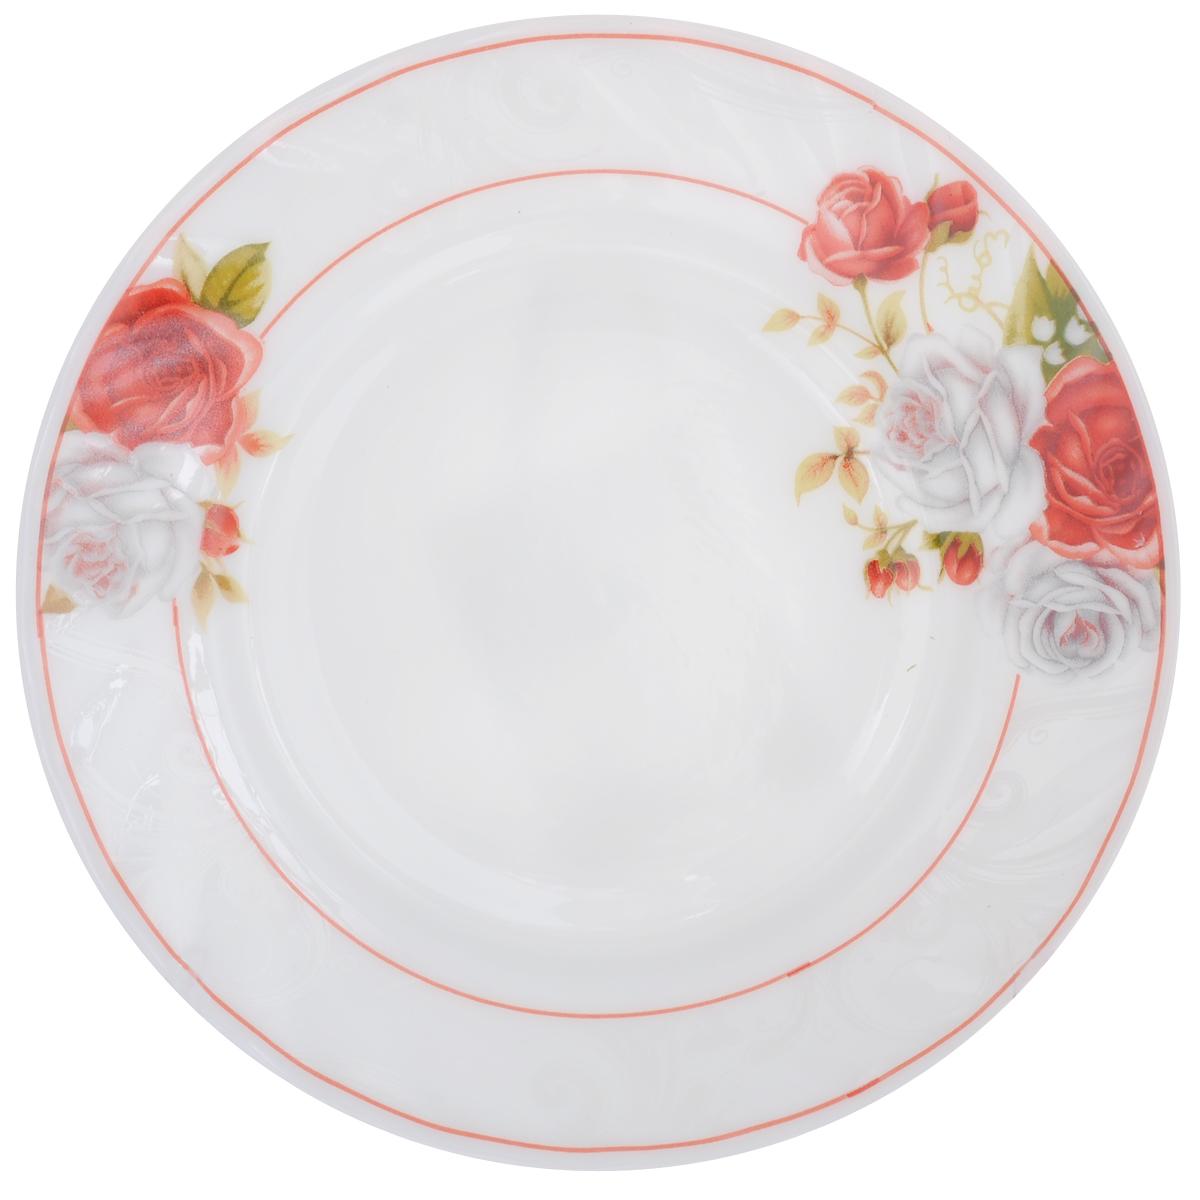 Тарелка десертная Chinbull Классик, диаметр 17,5 смHP-70/6627Десертная тарелка Chinbull Классик, изготовленная из экологически чистой стеклокерамики, оформлена красочным рисунком цветов и изящными узорами. Такая тарелка прекрасно подходит как для торжественных случаев, так и для повседневного использования. Идеальна для подачи десертов, пирожных, тортов и многого другого. Она прекрасно оформит стол и станет отличным дополнением к вашей коллекции кухонной посуды. Можно использовать в посудомоечной машине и СВЧ. Диаметр (по верхнему краю): 17,5 см. Высота стенки: 1,7 см.